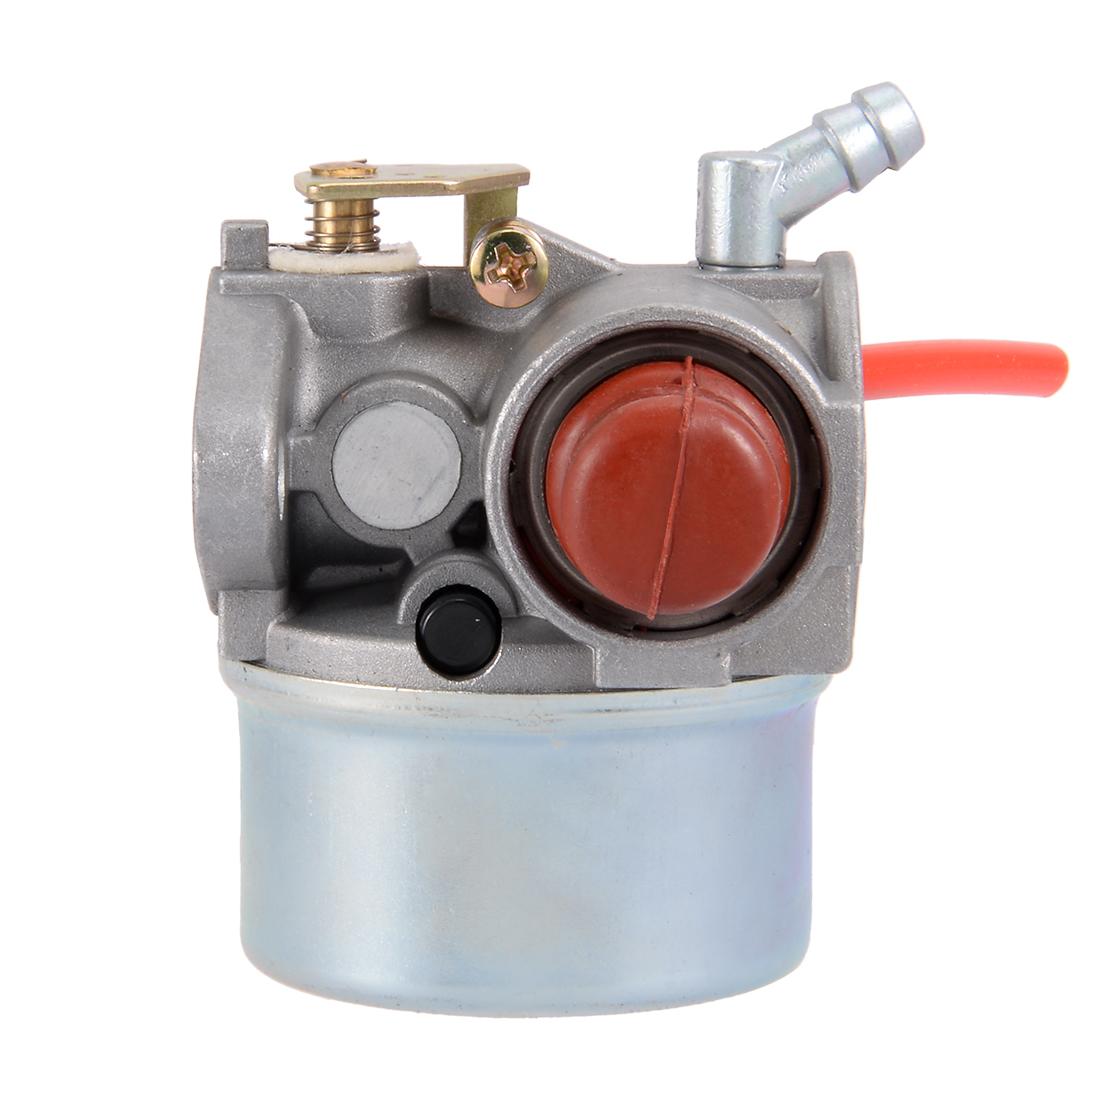 Unique Bargains New Carburetor w Gasket for Tecumseh CARB 640262 640173 640174 - image 2 de 6